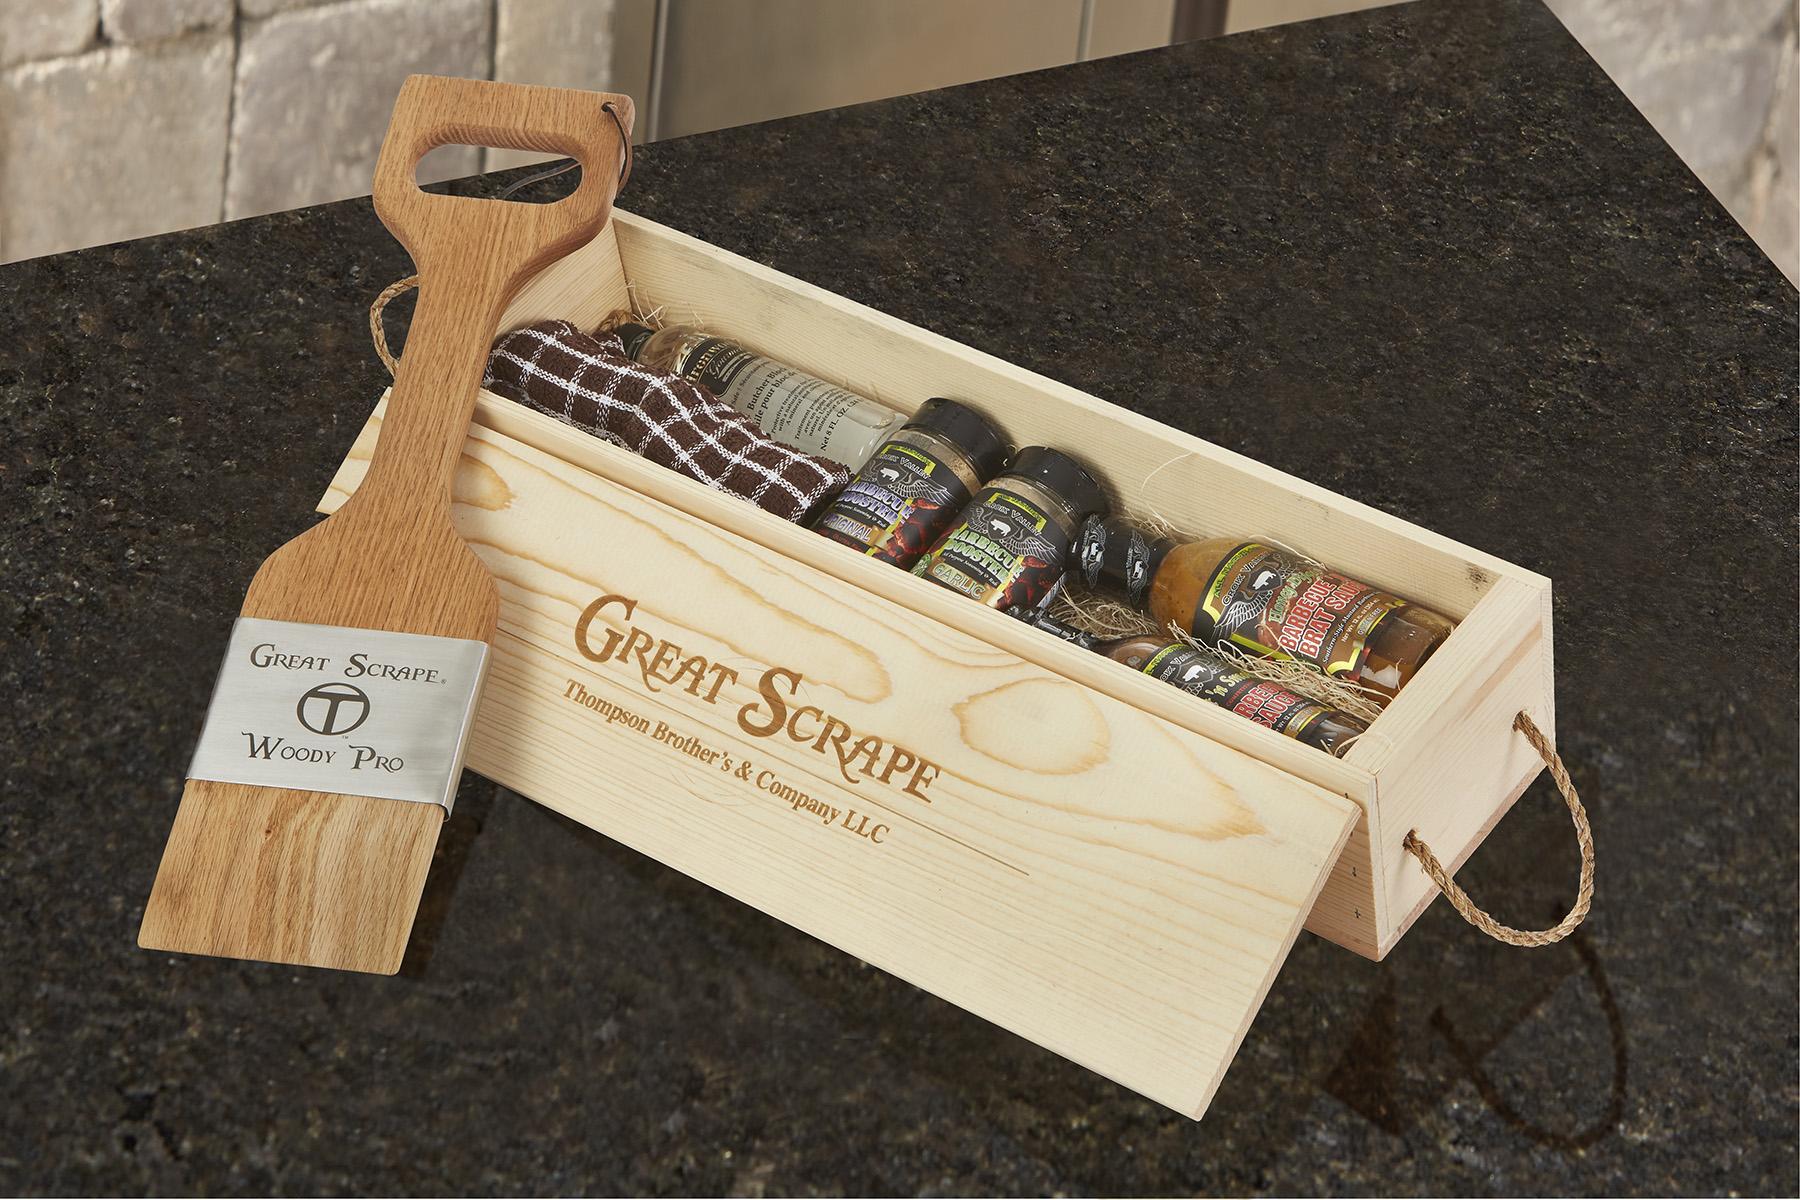 Woody Pro Gift Box